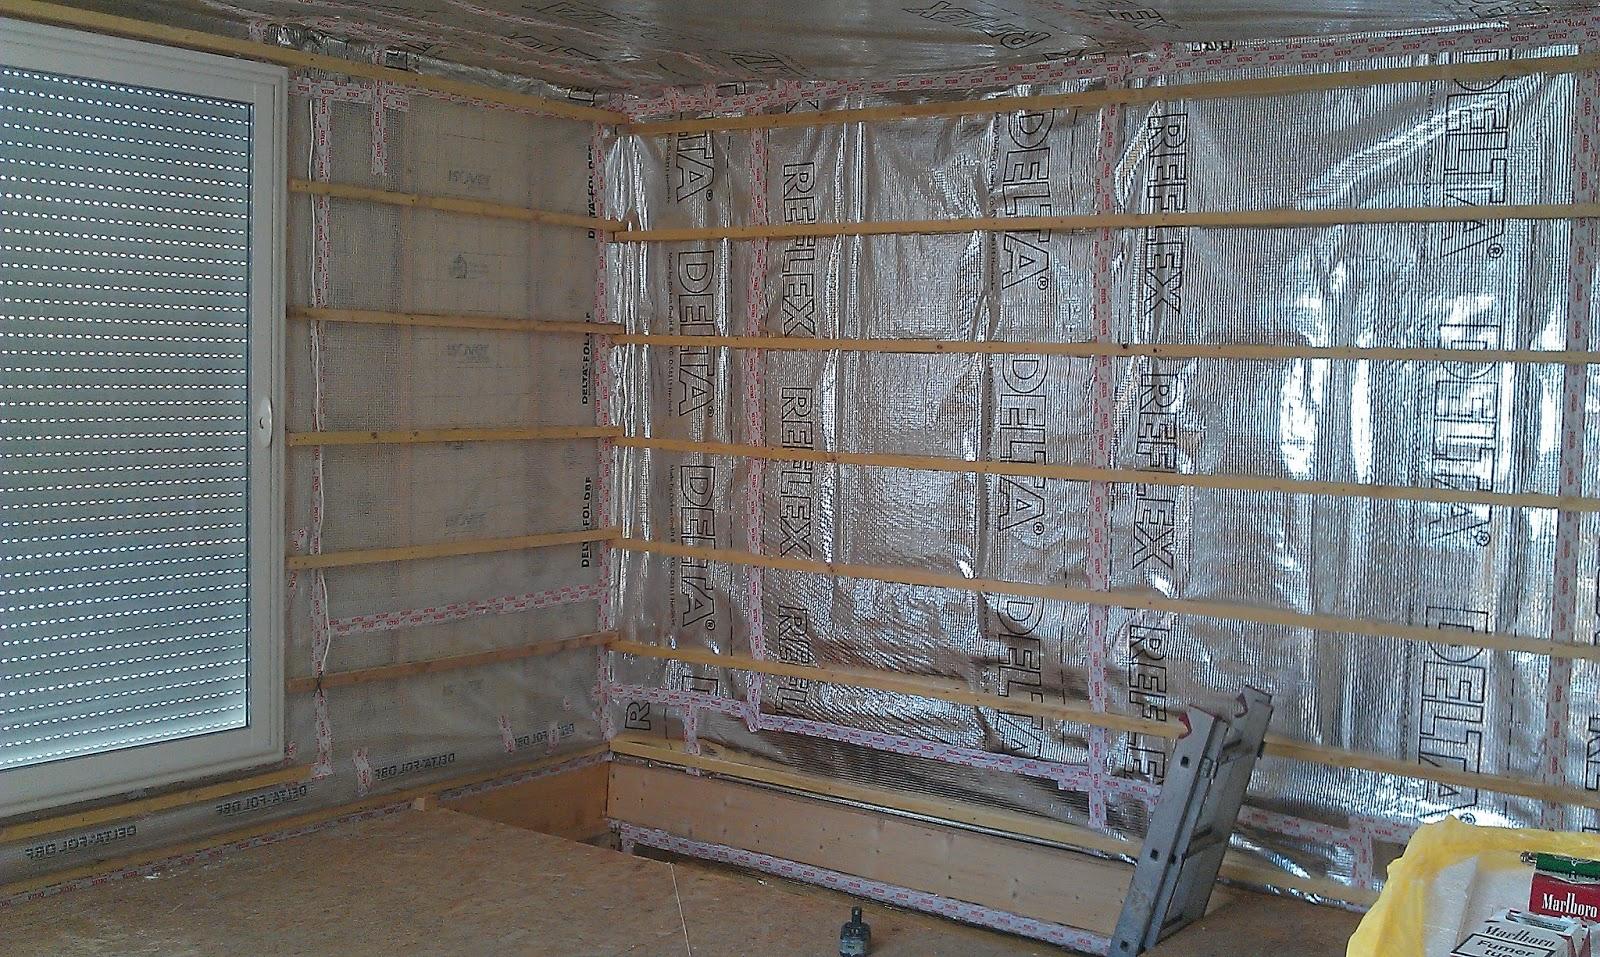 les furets du bois j92 j95 etanch it fin placo. Black Bedroom Furniture Sets. Home Design Ideas